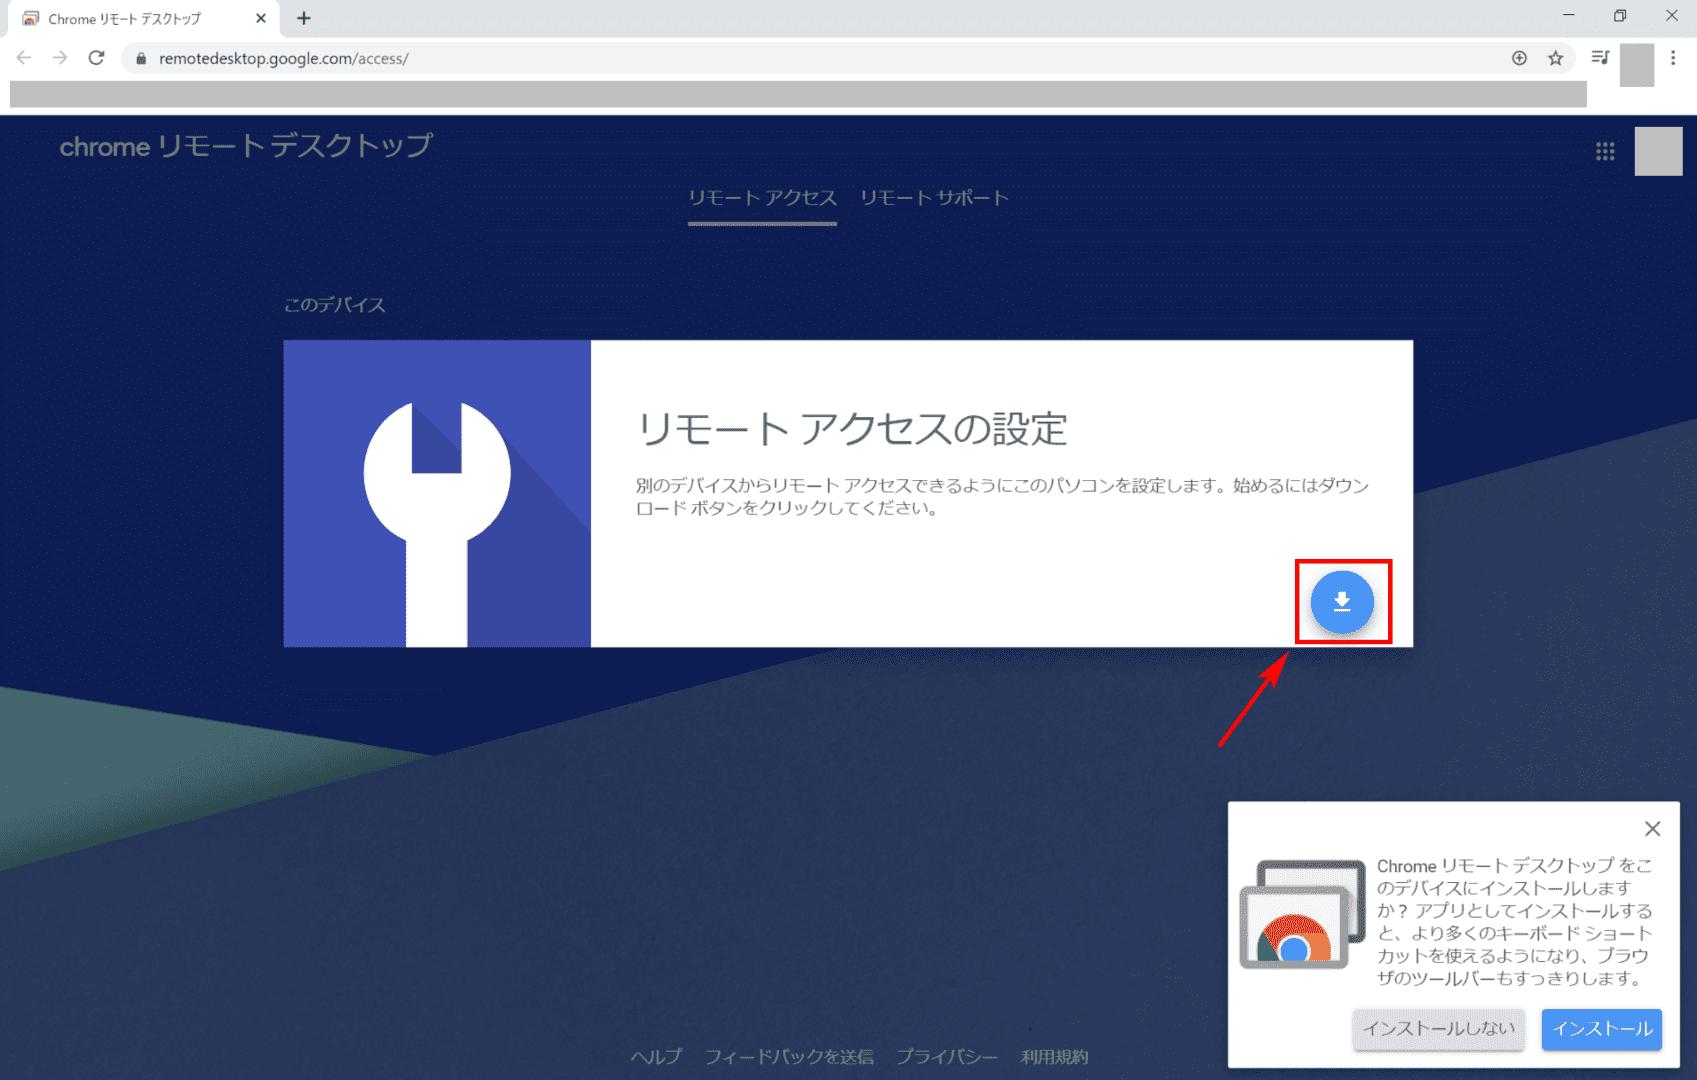 Chromeリモートデスクトップの拡張機能のインストール